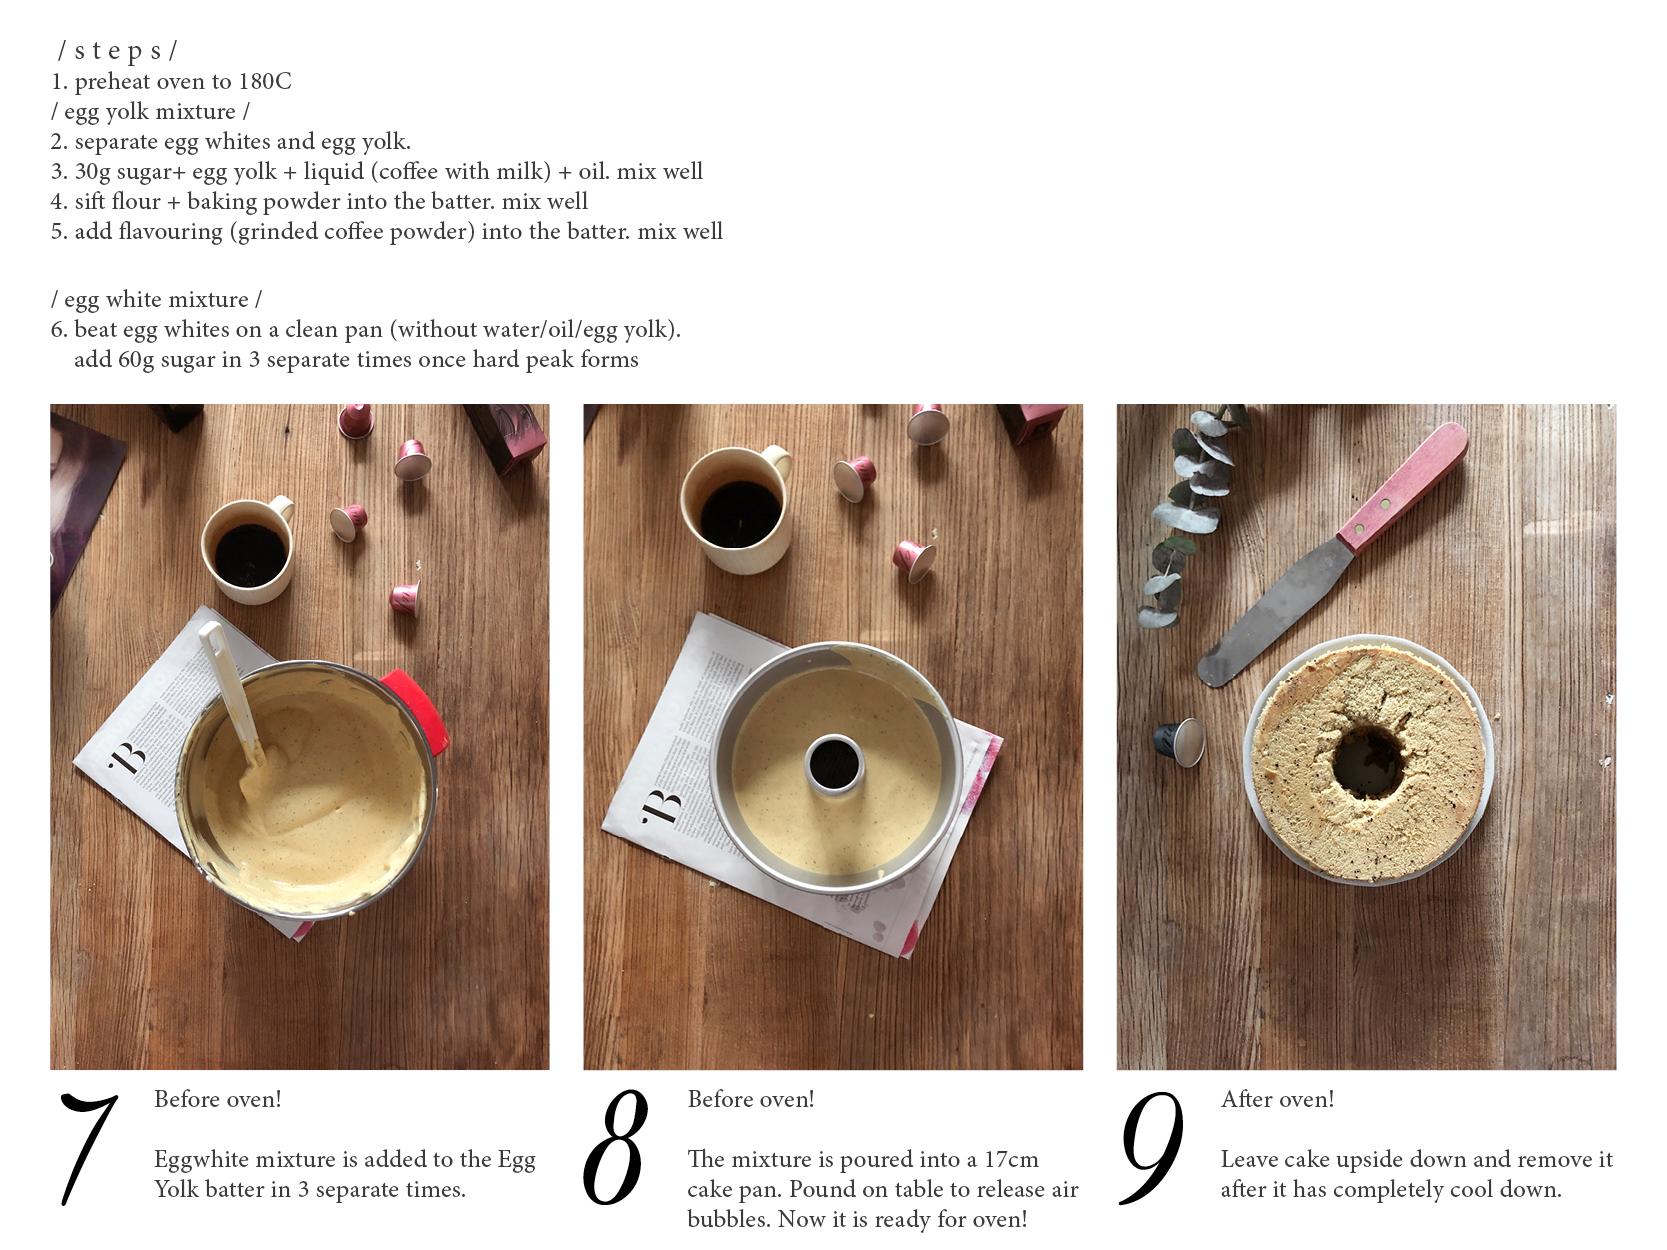 fov_cake step by step2.jpg